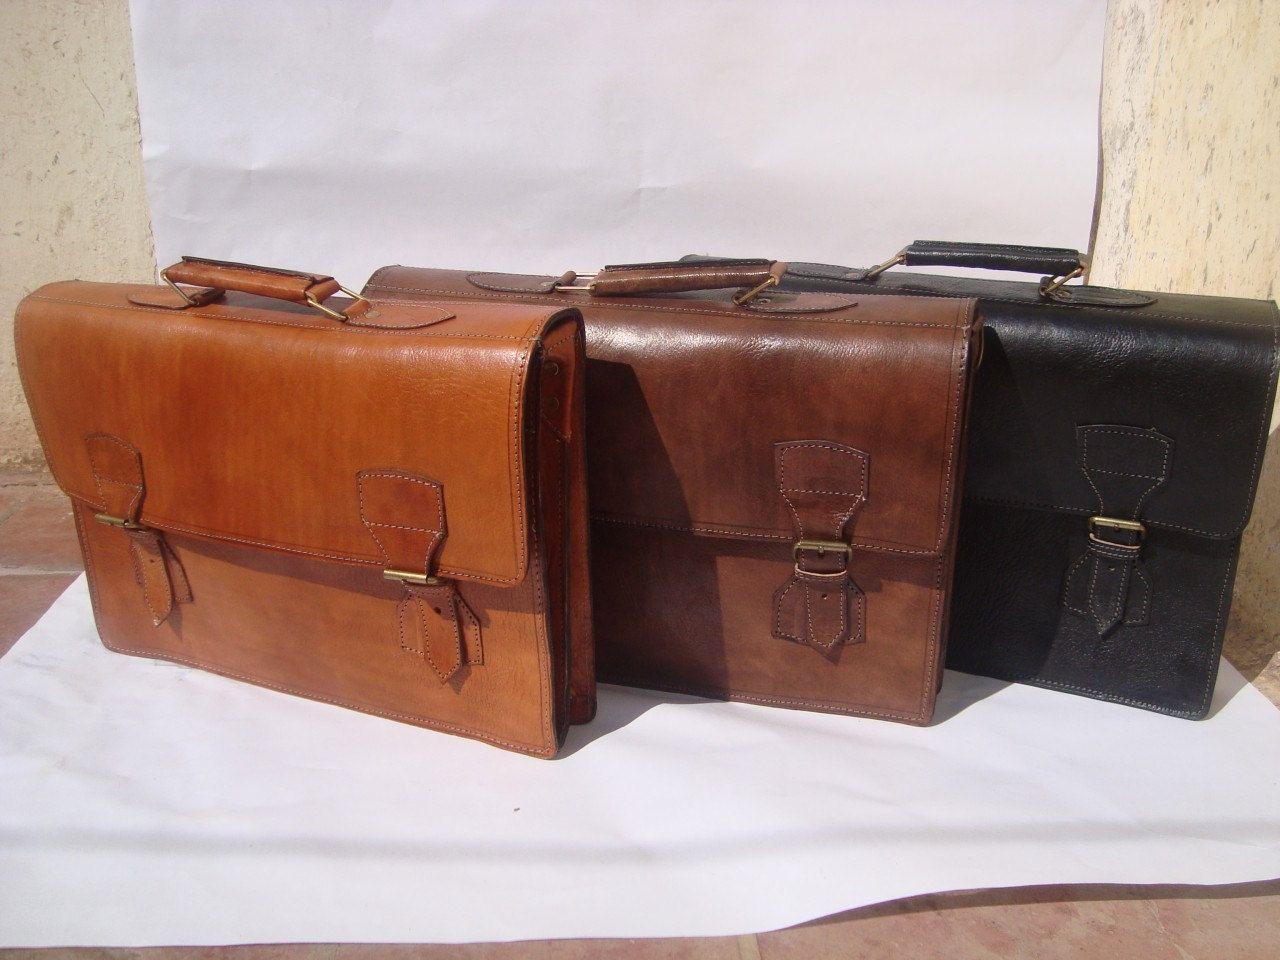 ec41fe9bea Moroccan vintage leather Briefcase laptop bag document case shoulder  Messenger mens carry bag.  89.99